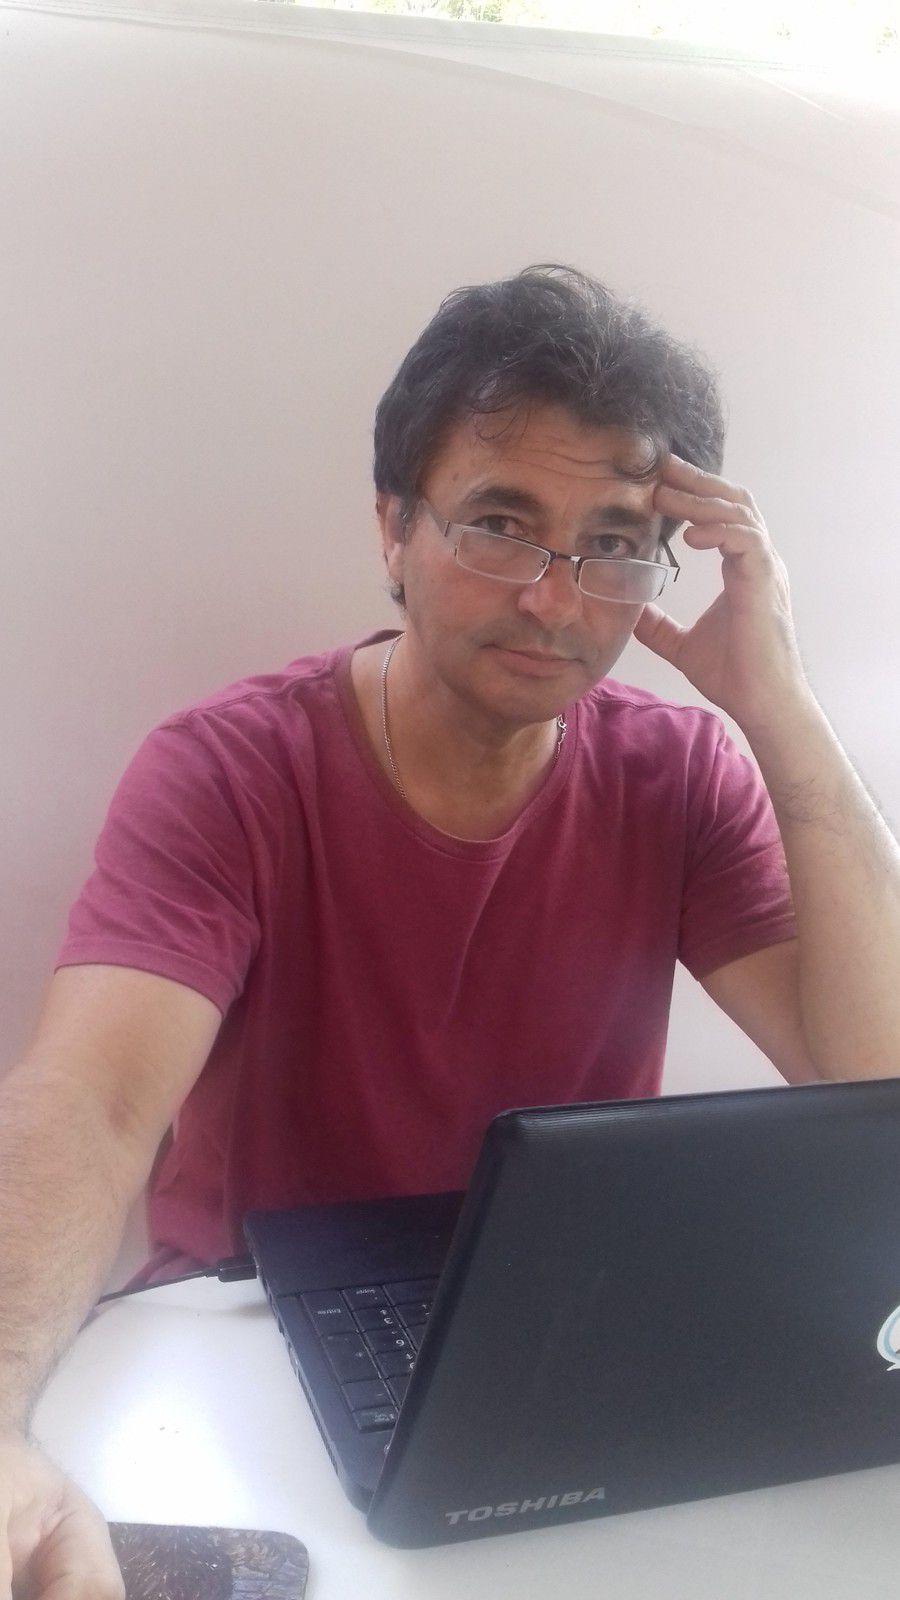 Patrick Charriez